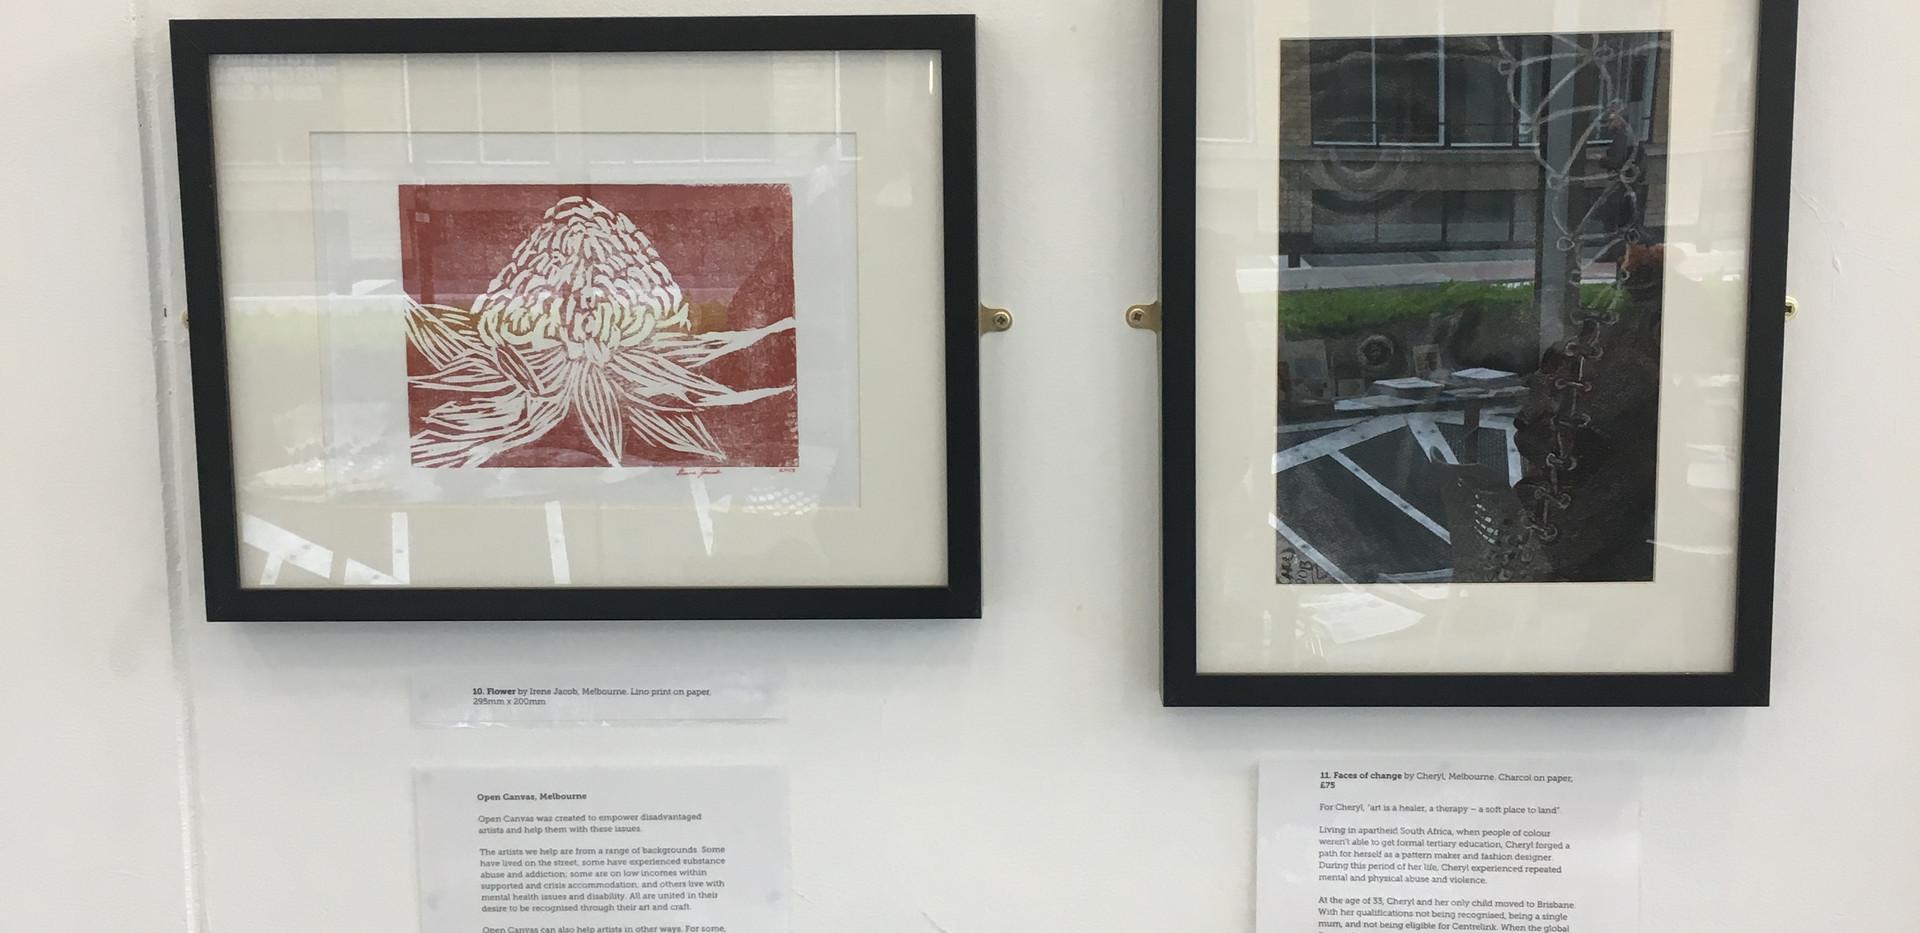 Melbourne Art works